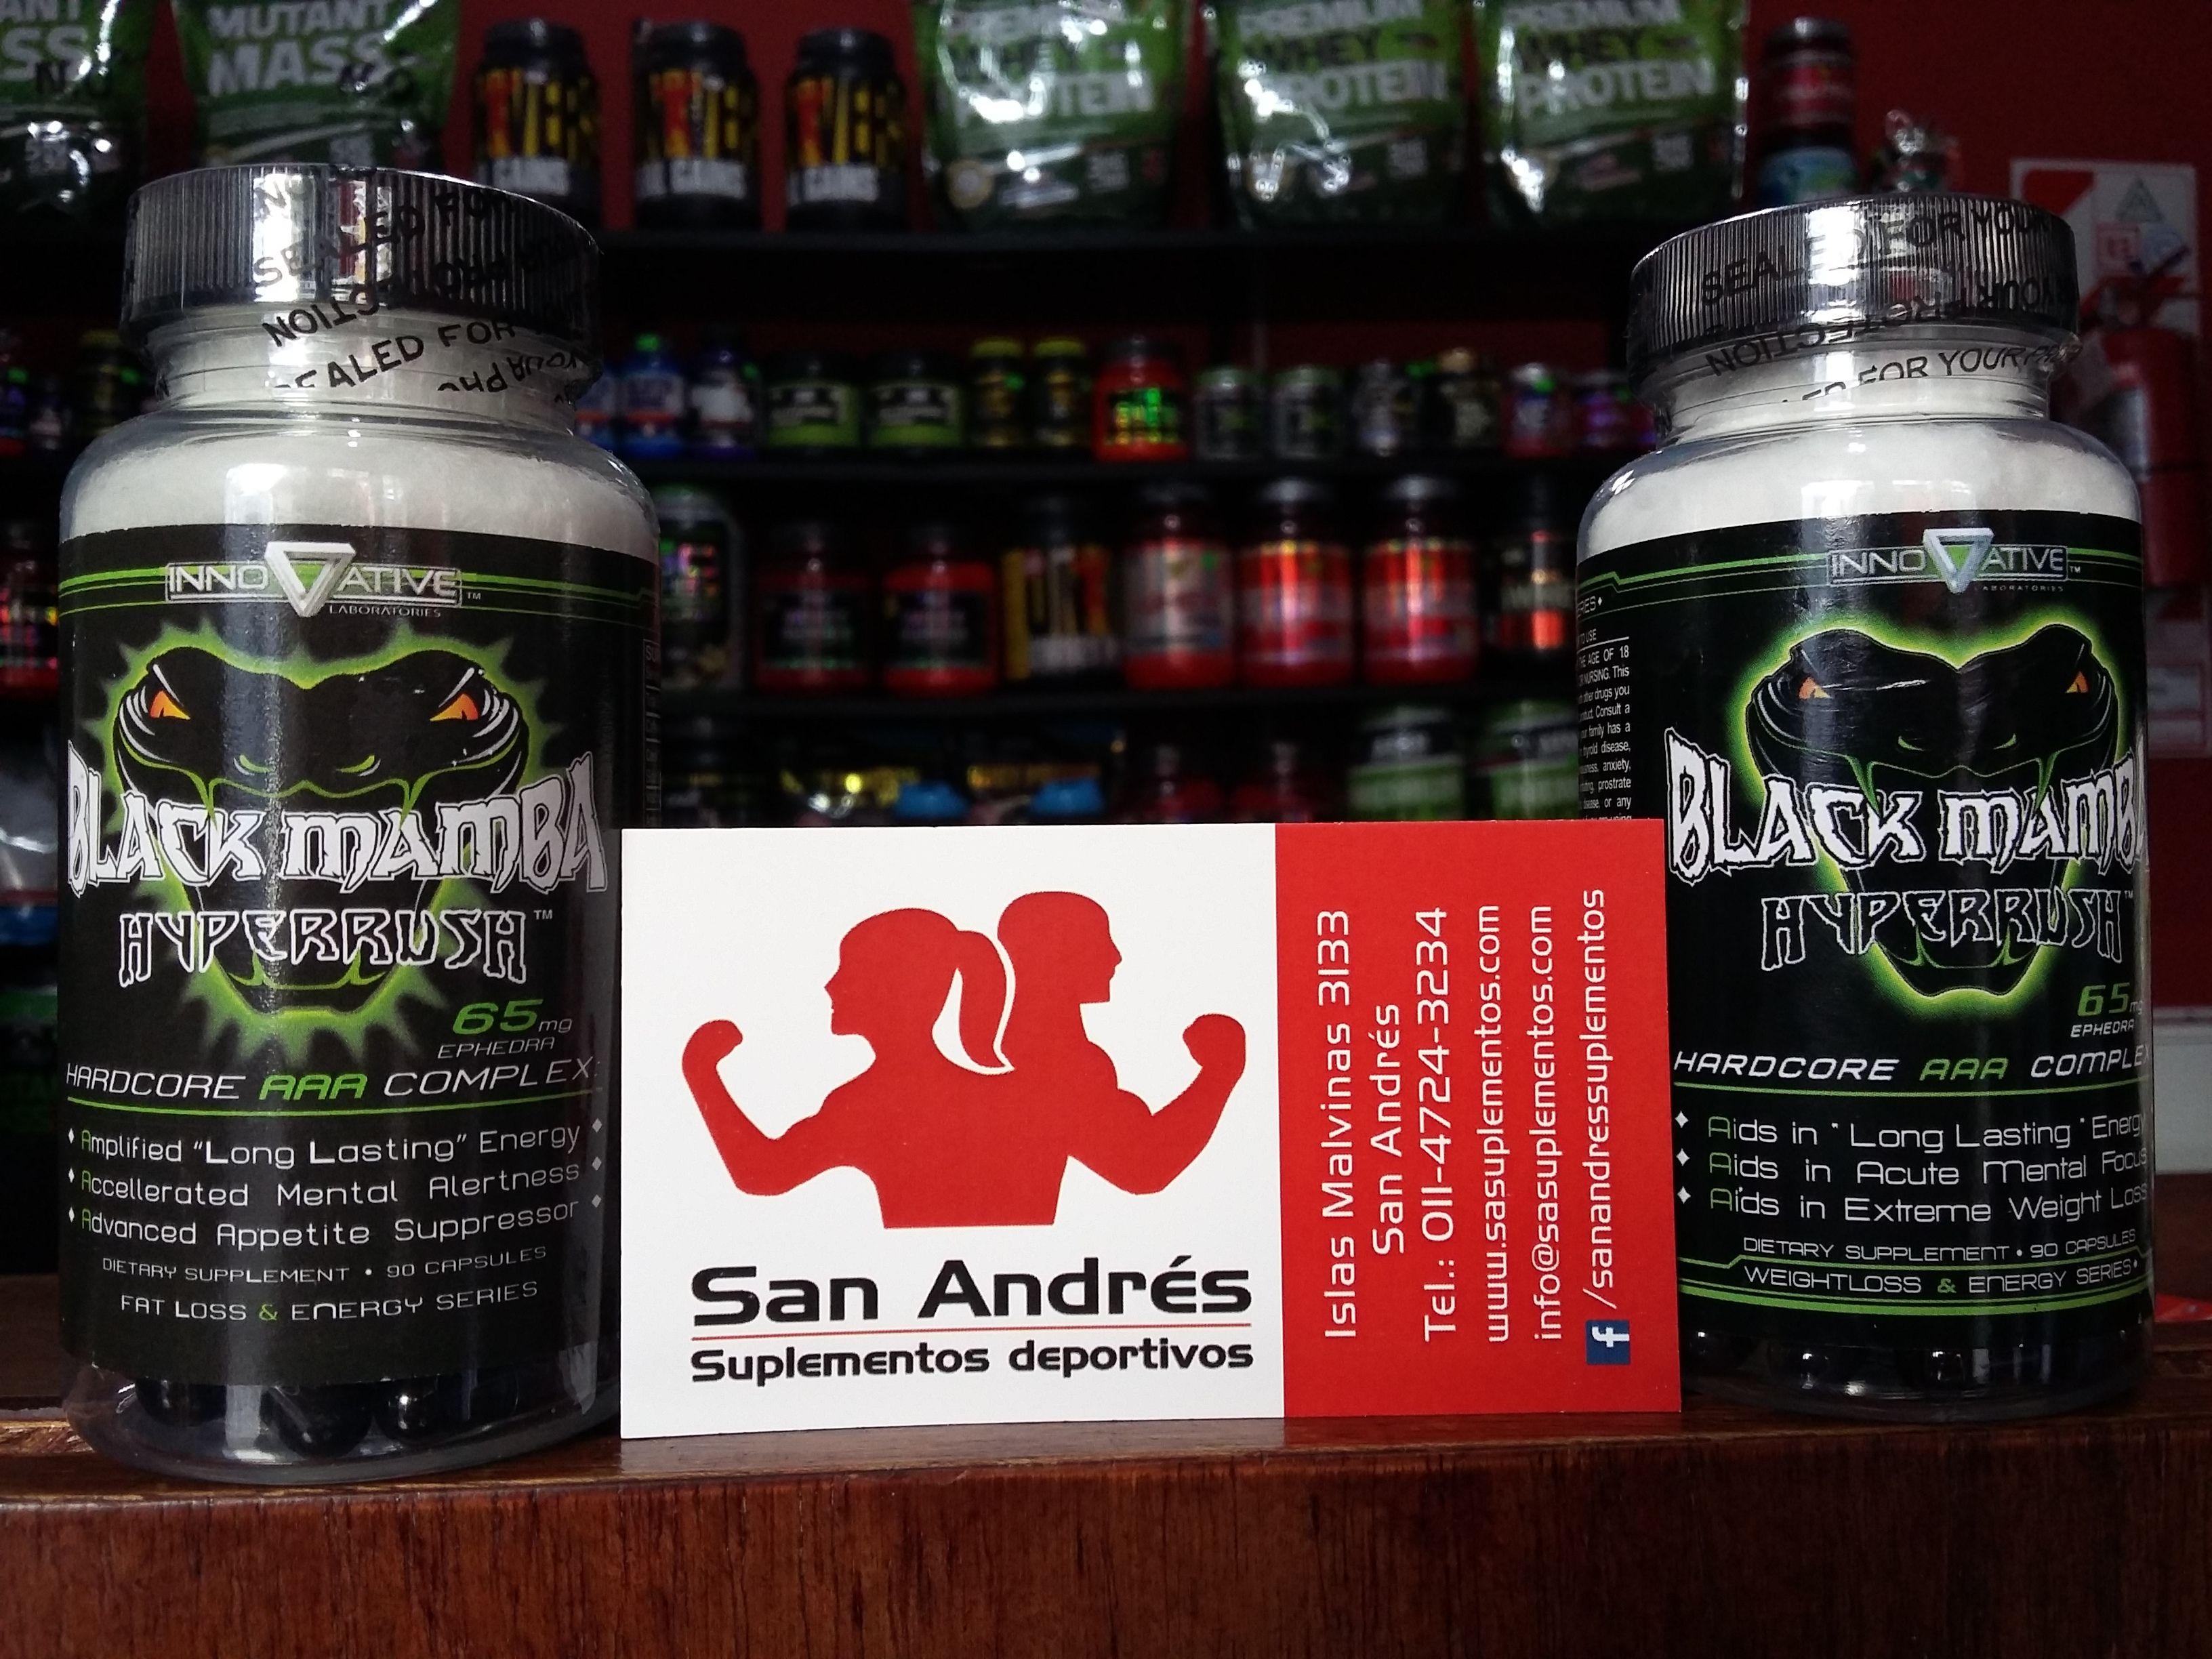 Black mamba quemador efectos secundarios